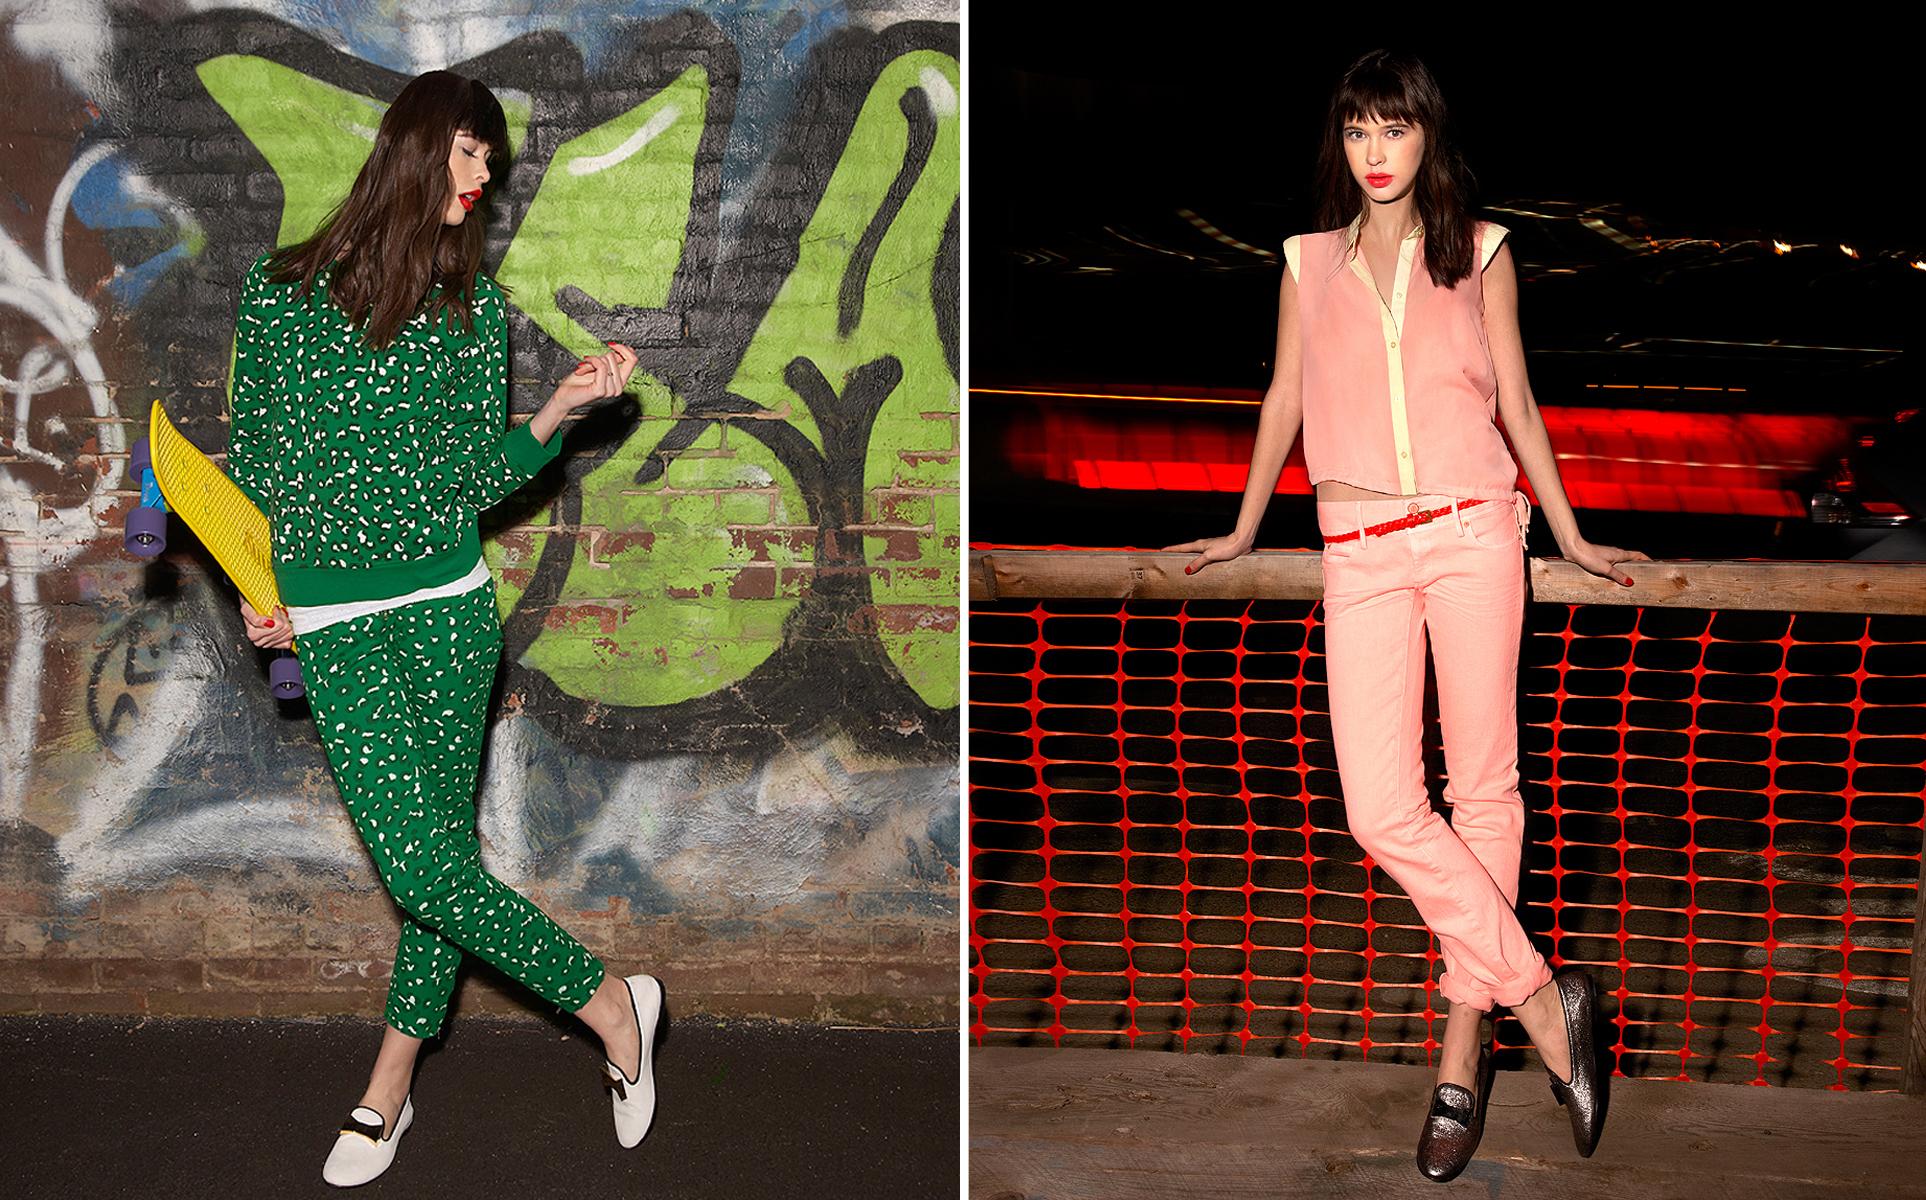 2-EddieCollins-Fashion Street copy.jpg